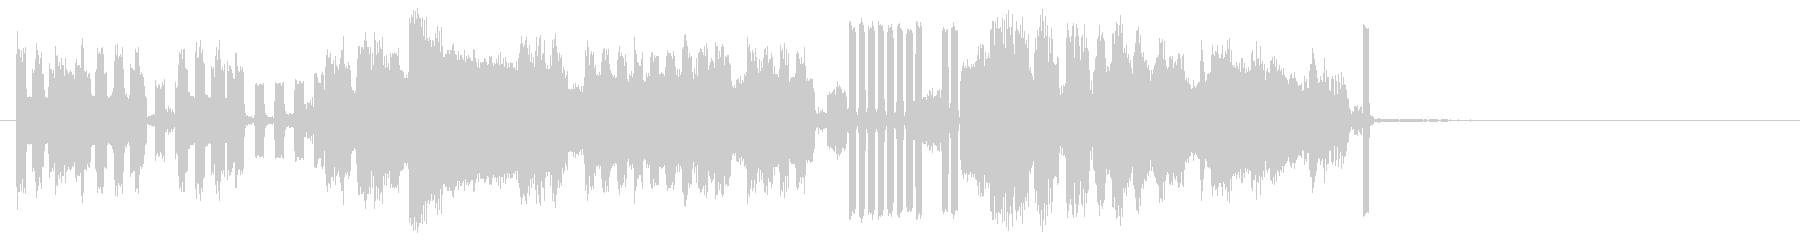 テレメトリレセプションの未再生の波形